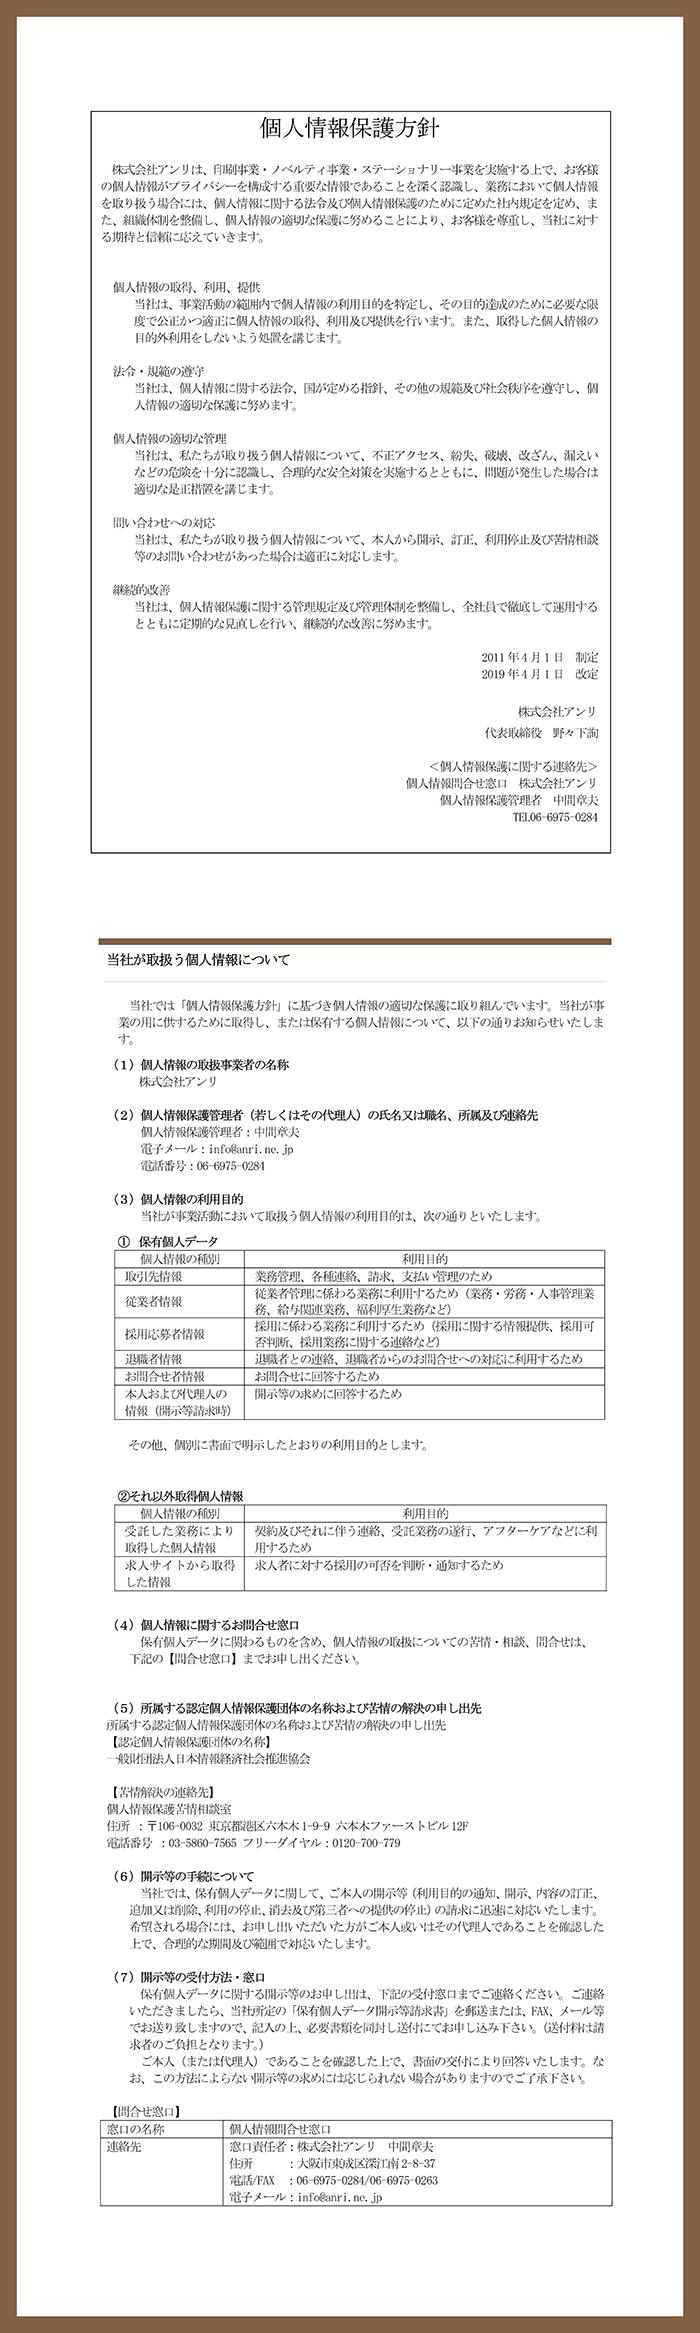 クオカードの印刷や作成東京北海道